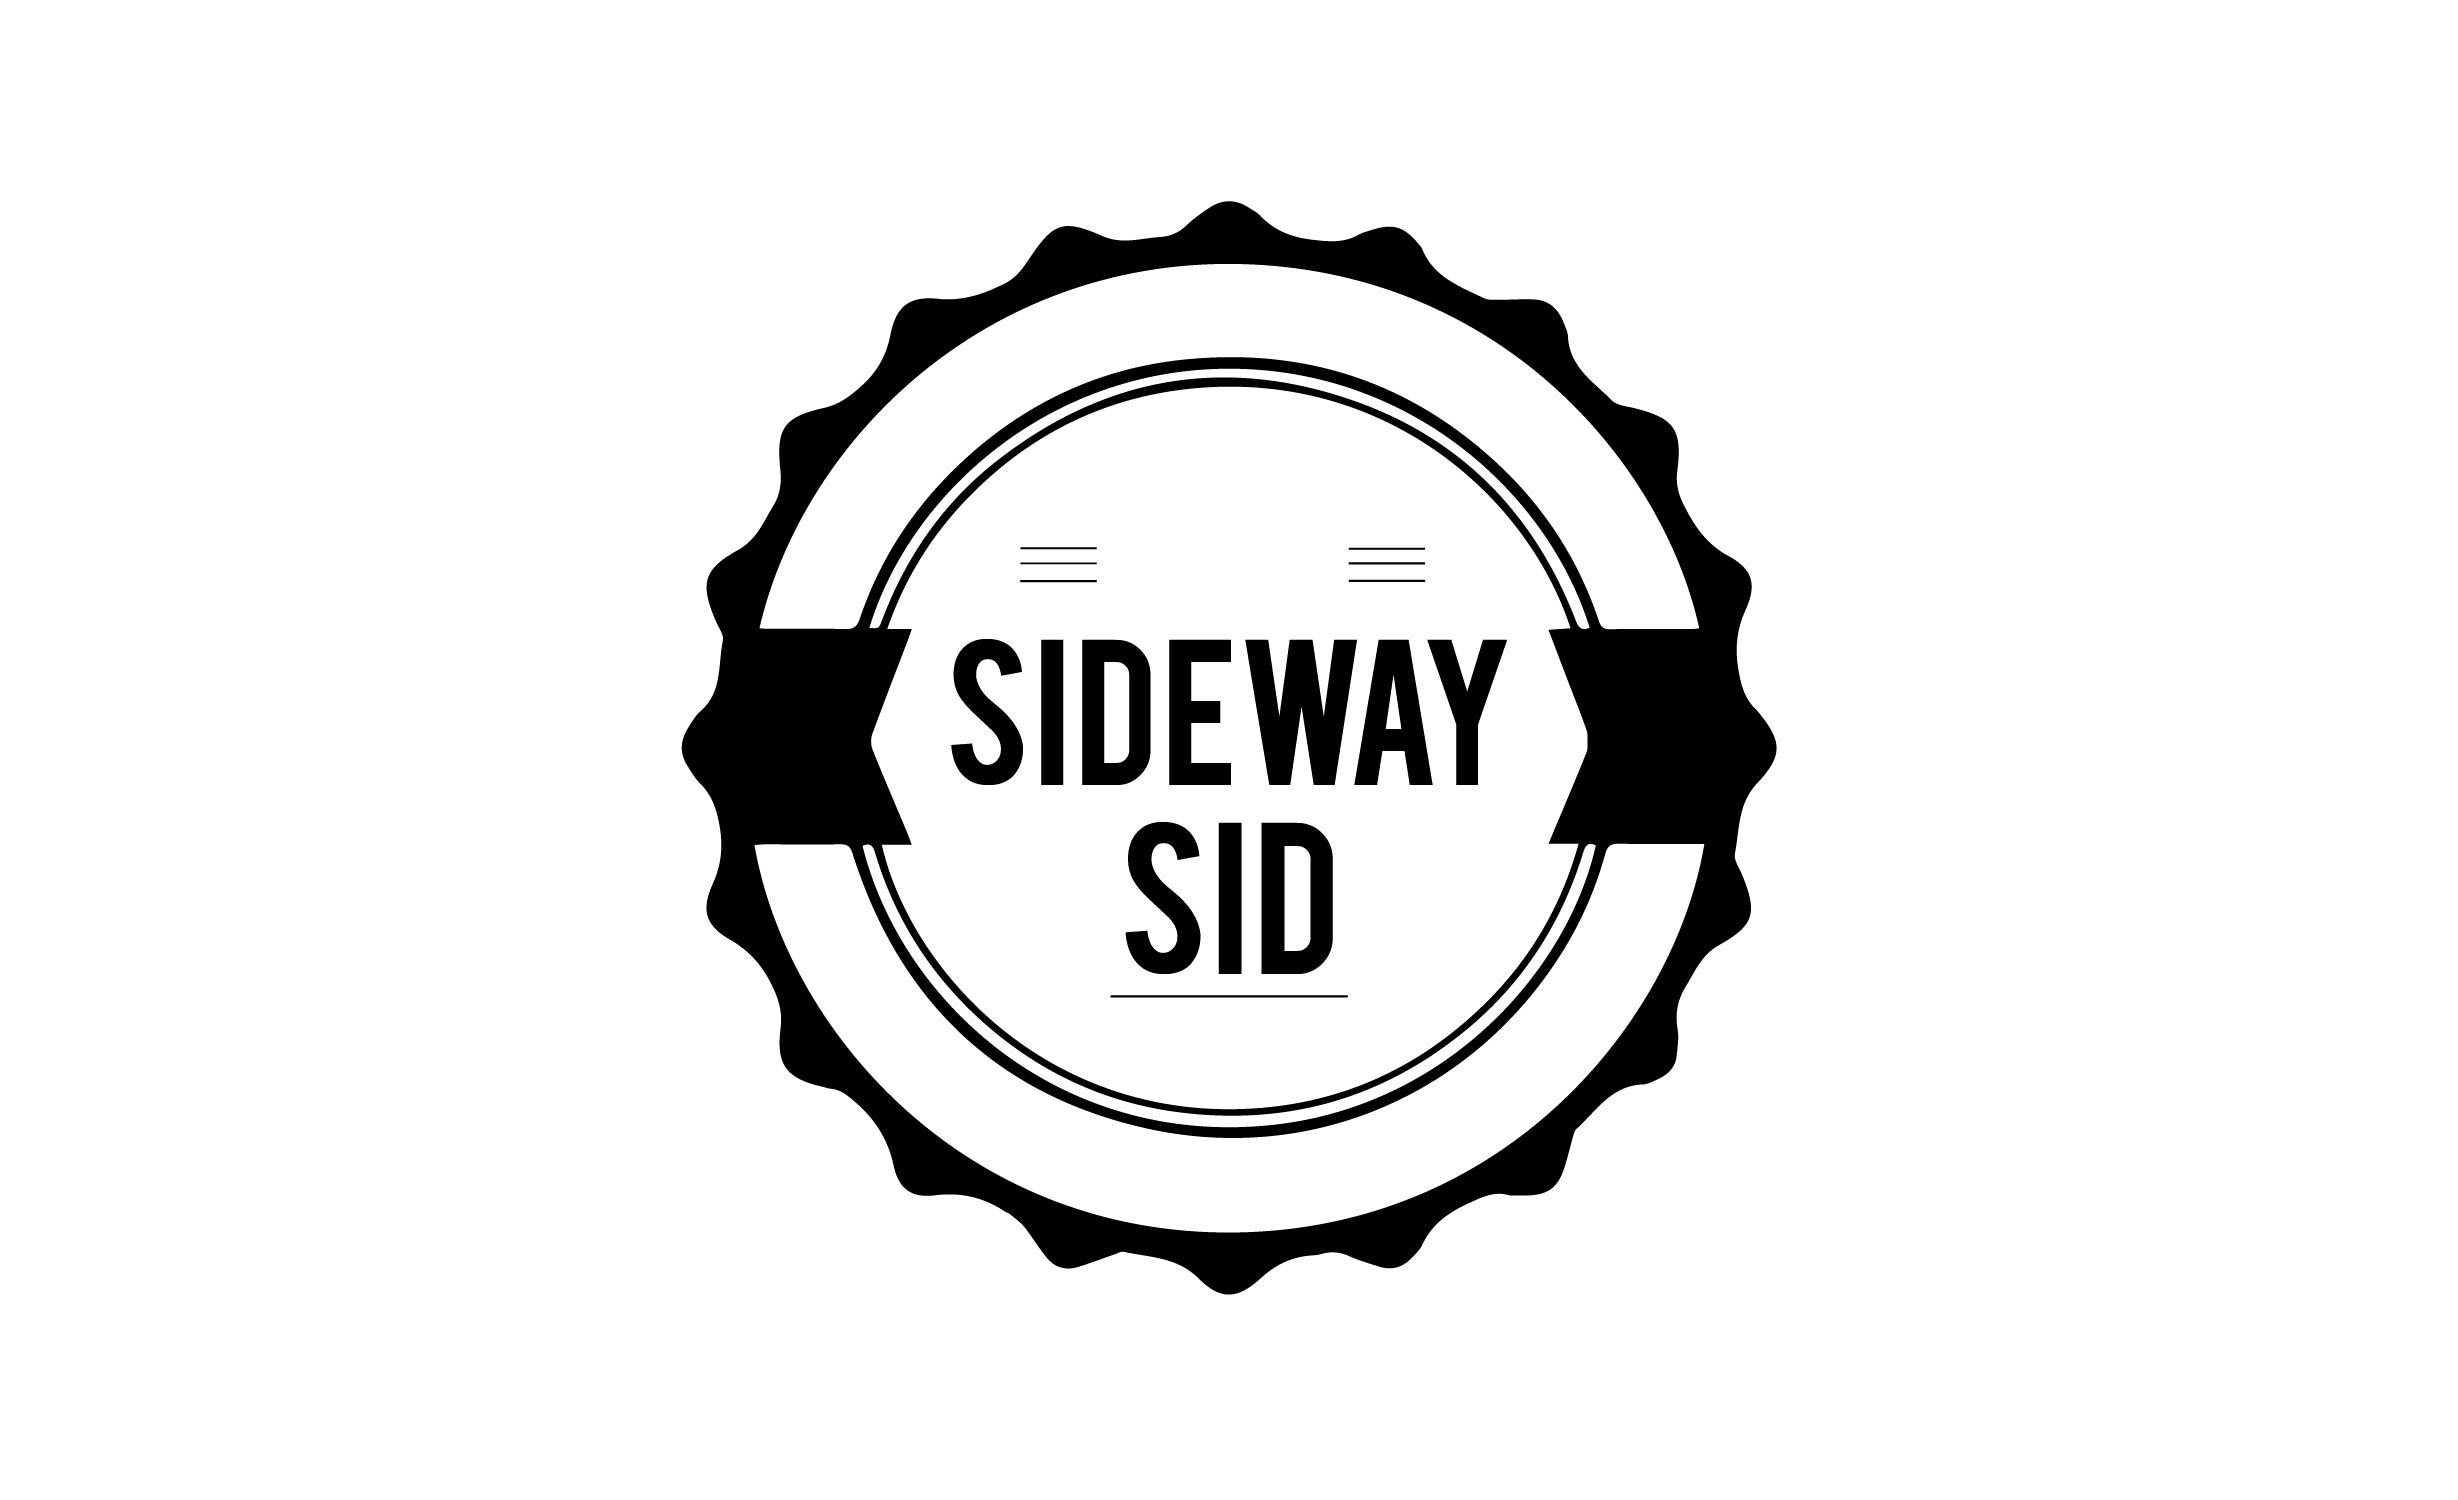 Sidewaysid On Car Throttle